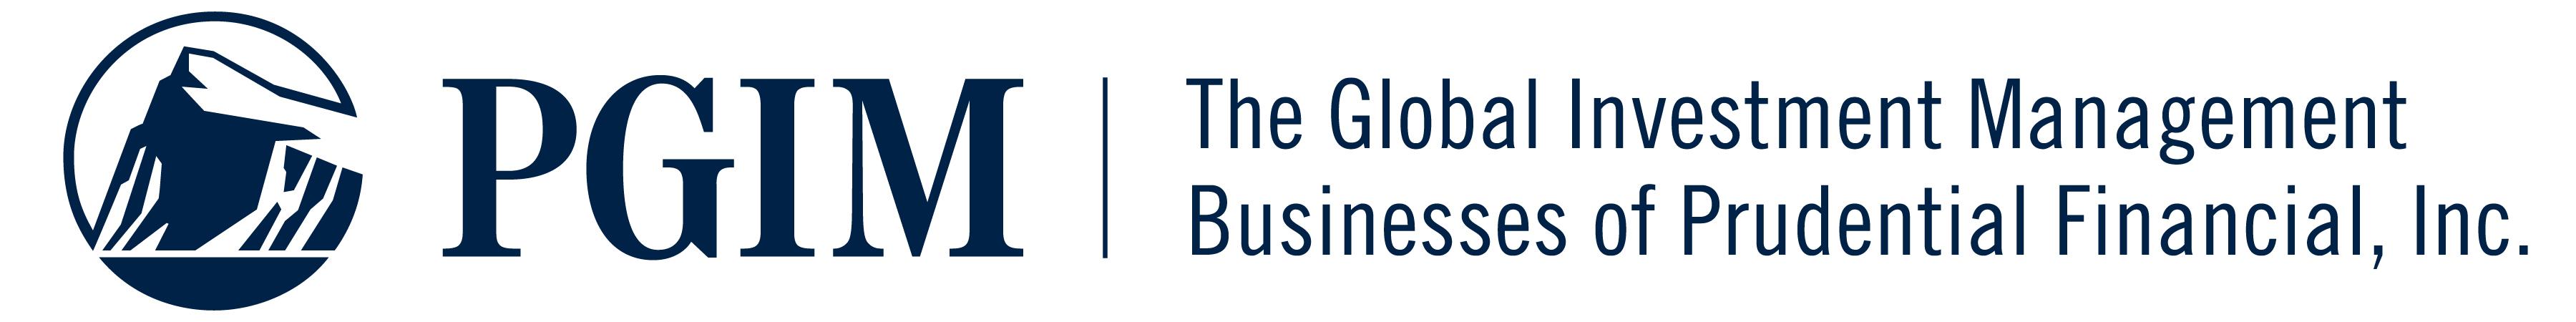 PGIM_Logo-Blue.jpg